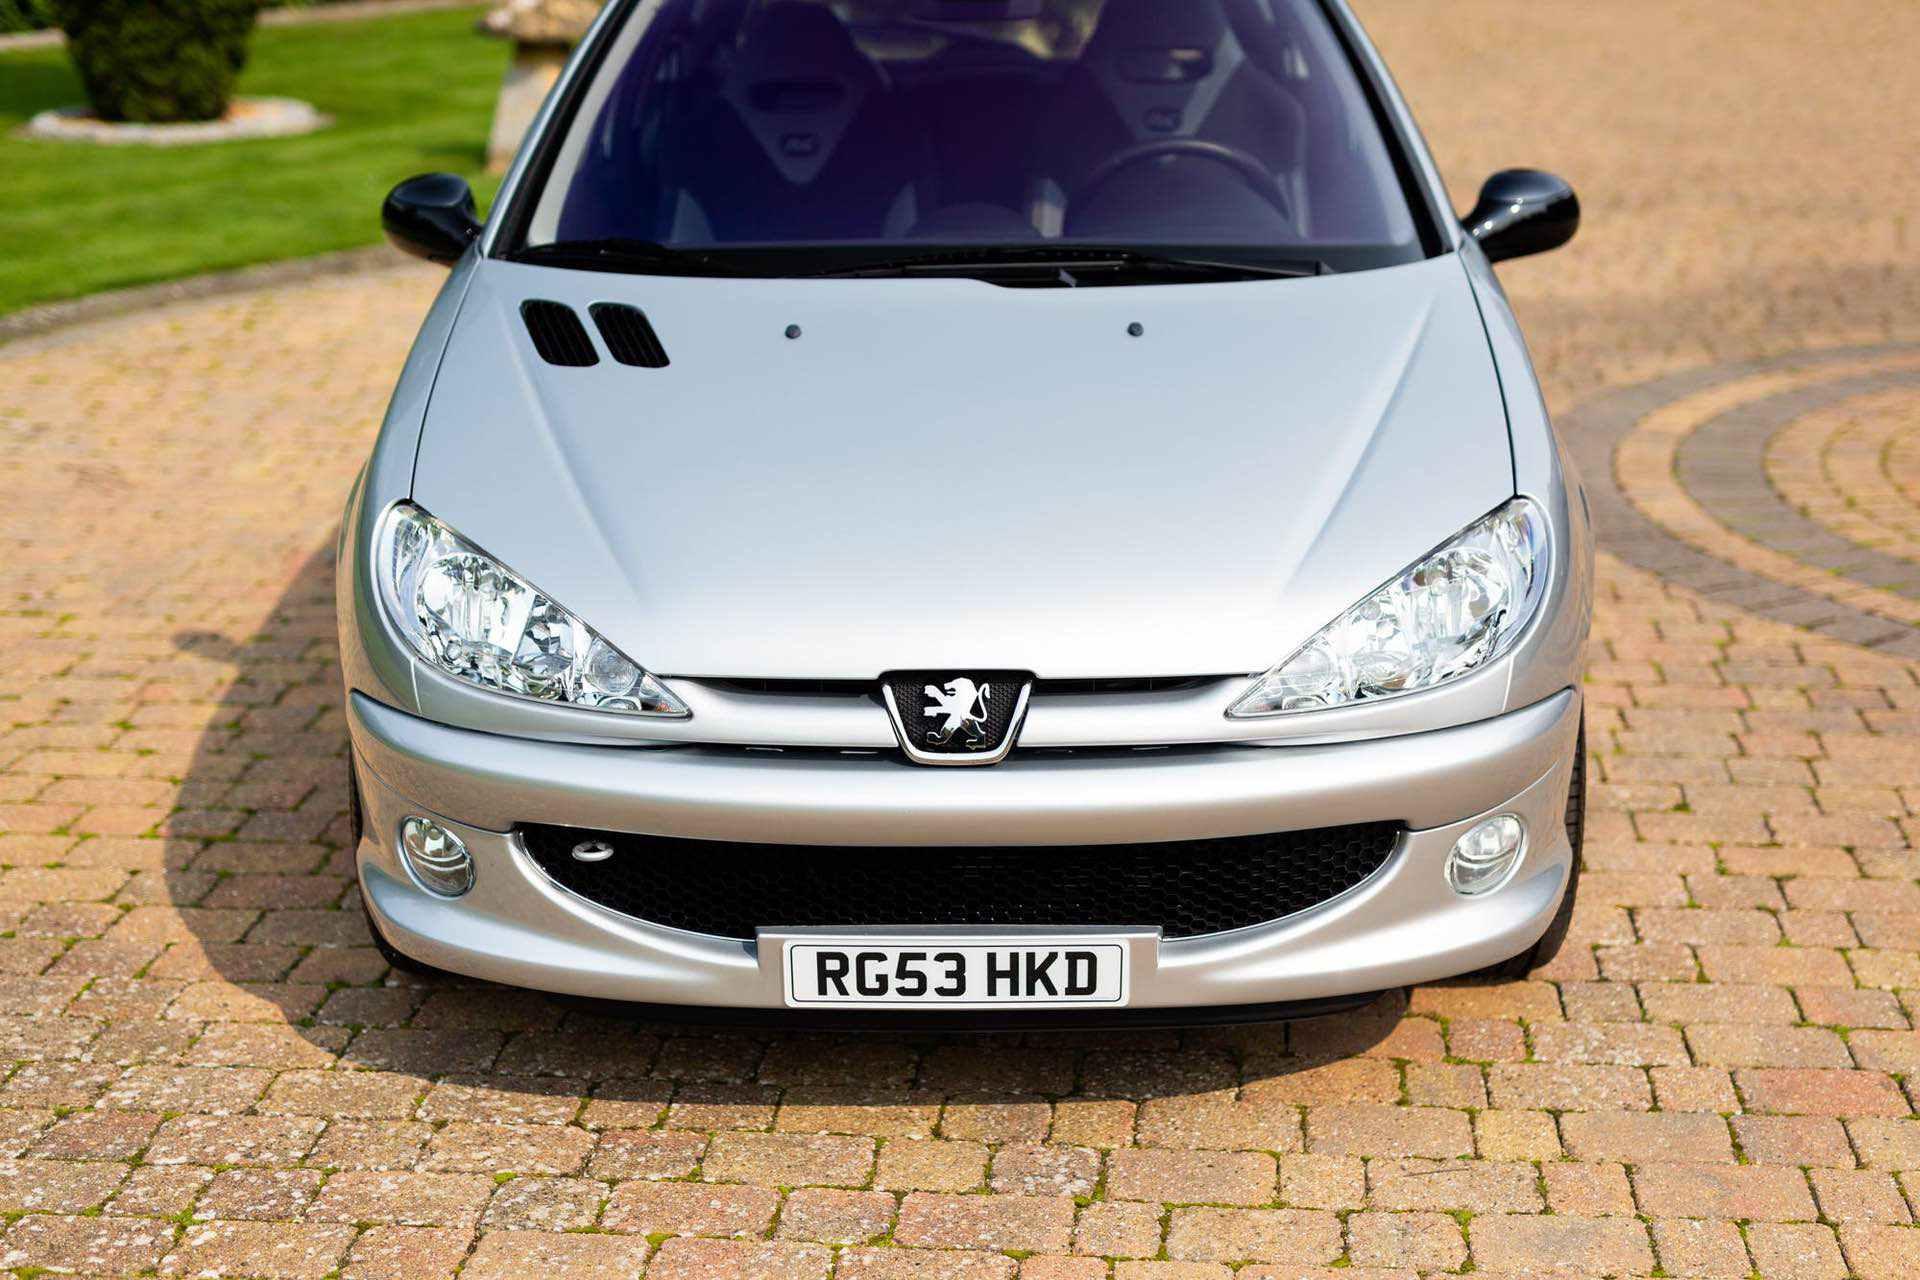 2003_Peugeot_206_RC_sale_0019